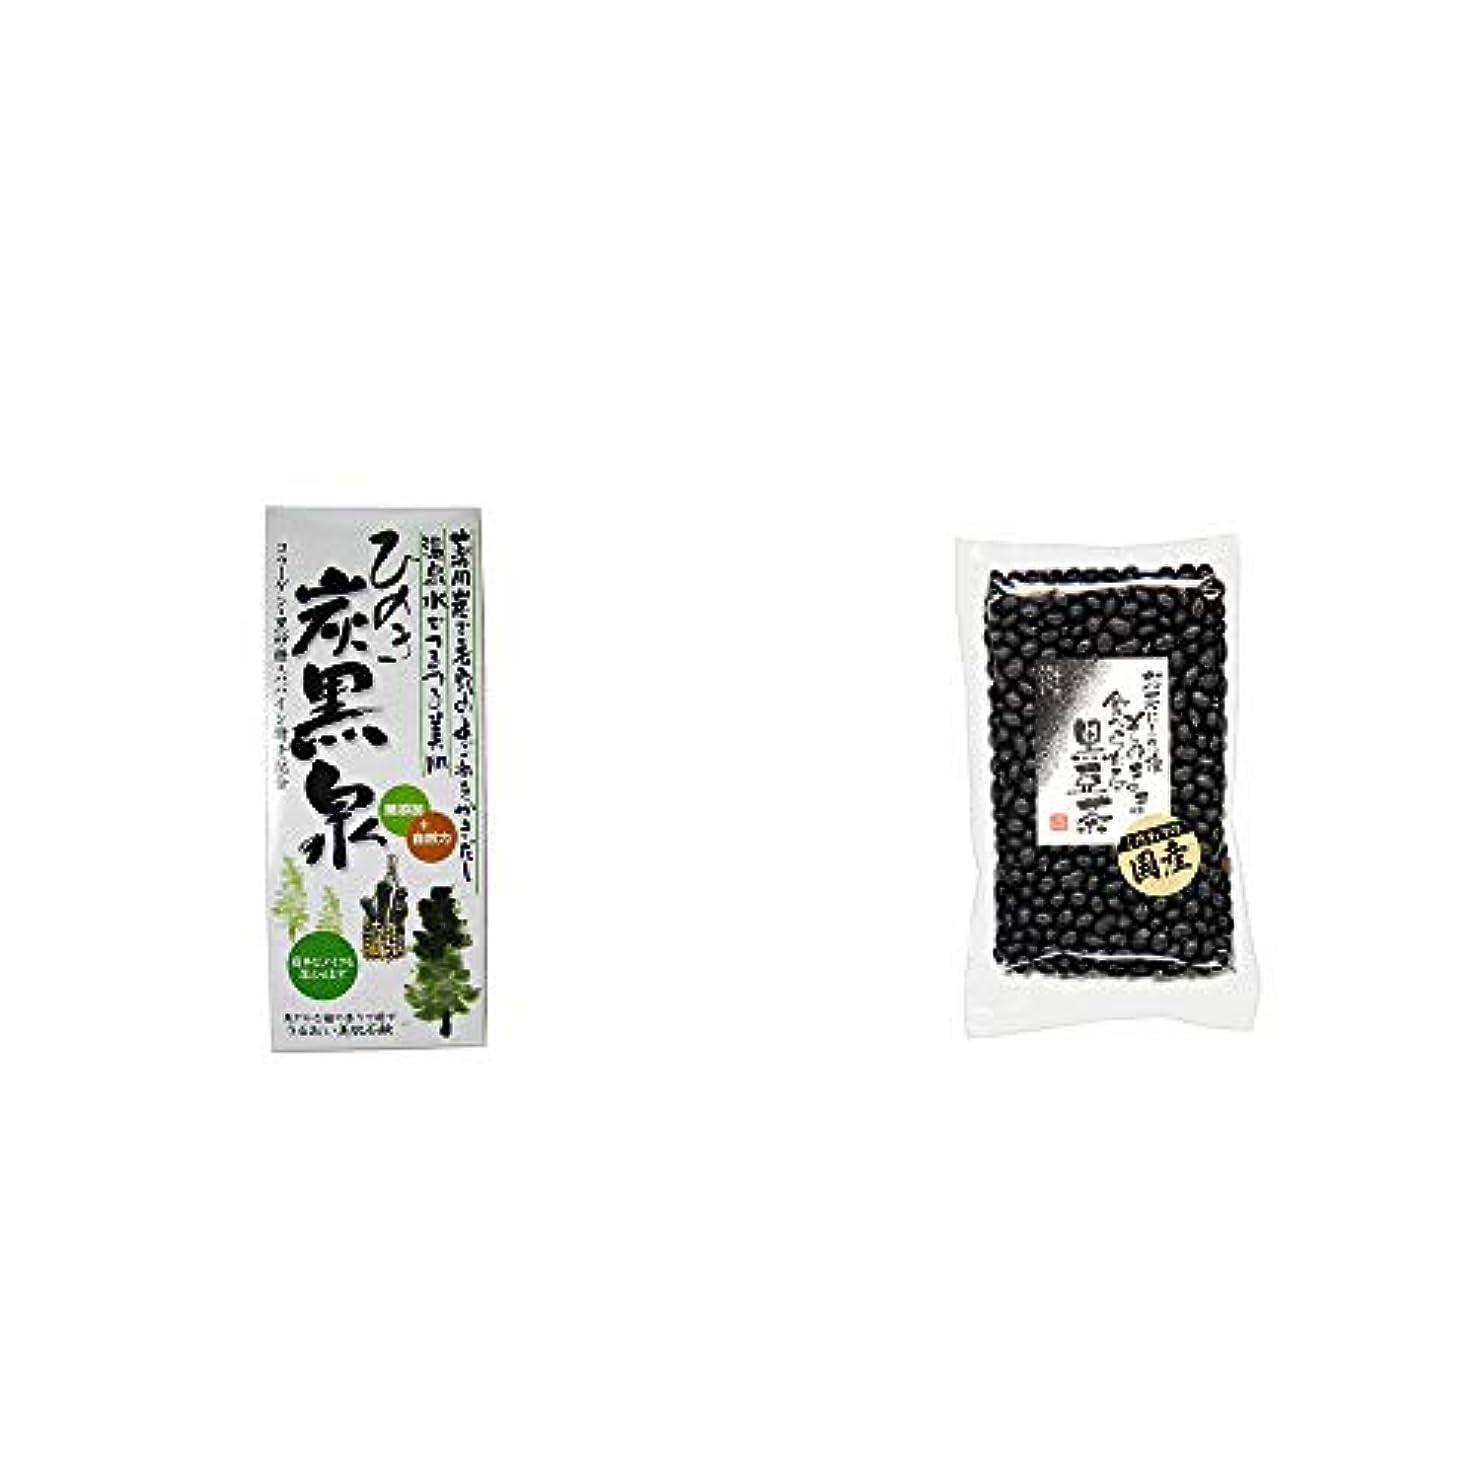 かろうじてバッグ不可能な[2点セット] ひのき炭黒泉 箱入り(75g×3)?国産 黒豆茶(200g)